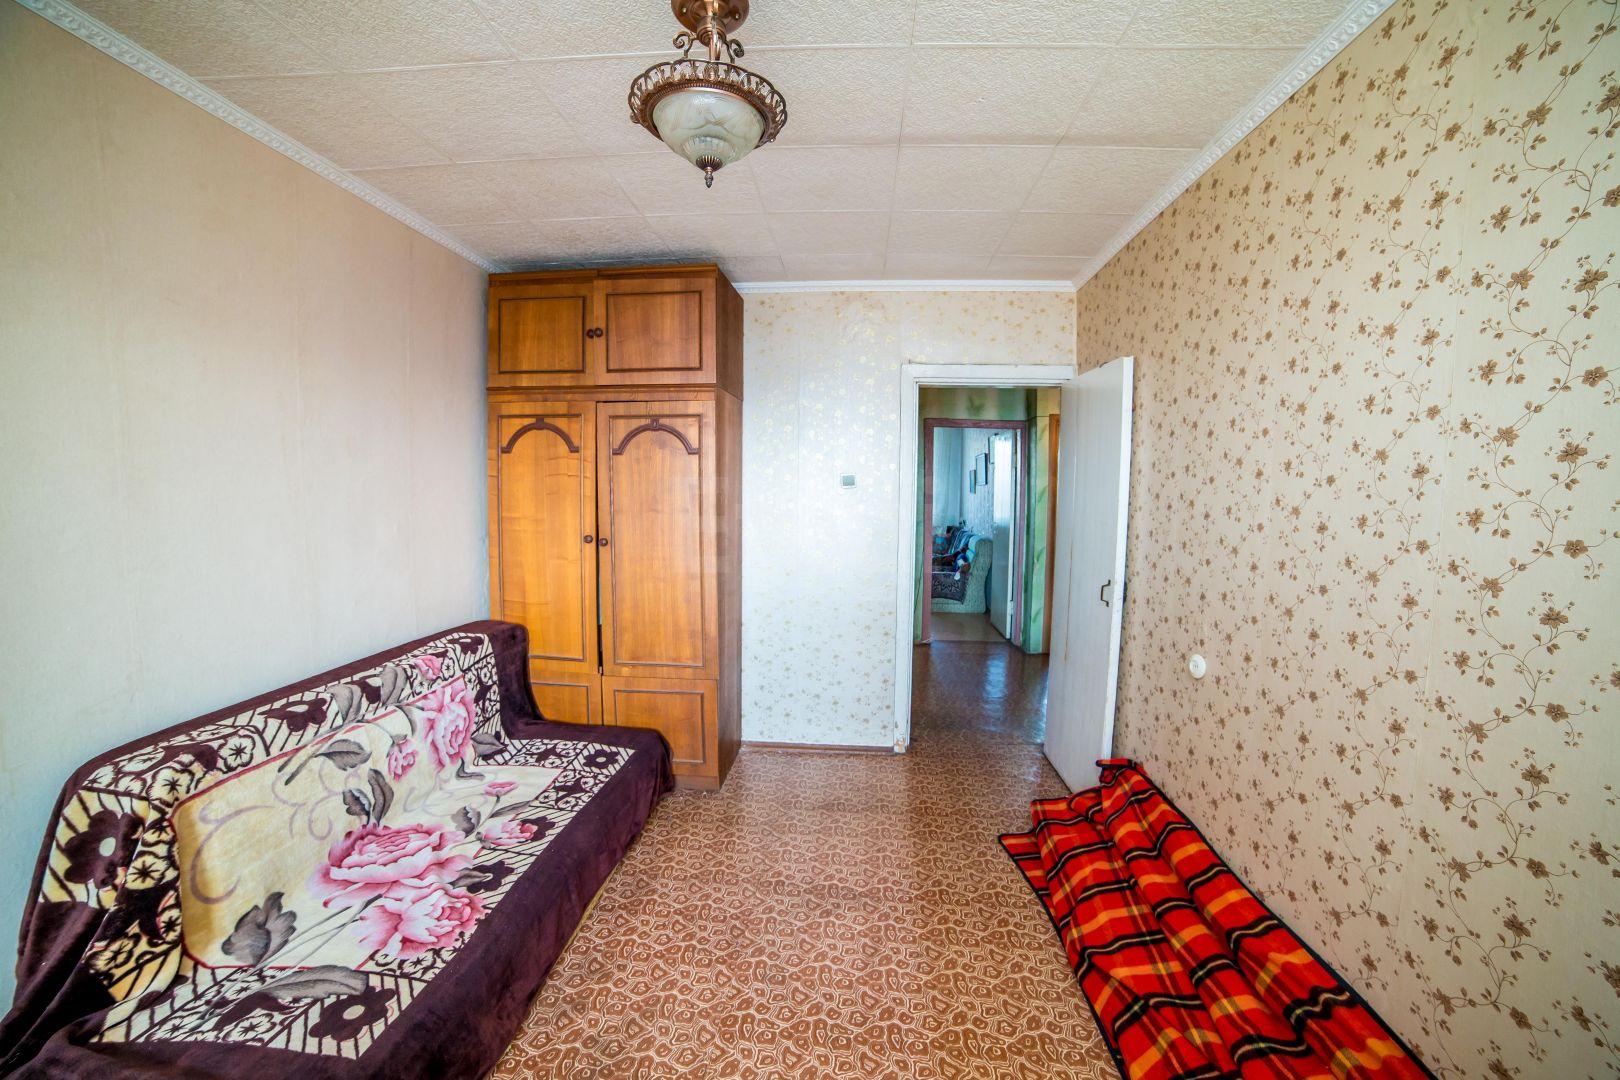 Продается трехкомнатная квартира за 7 000 000 рублей. Луговая, ул. Невельского, д. 4.